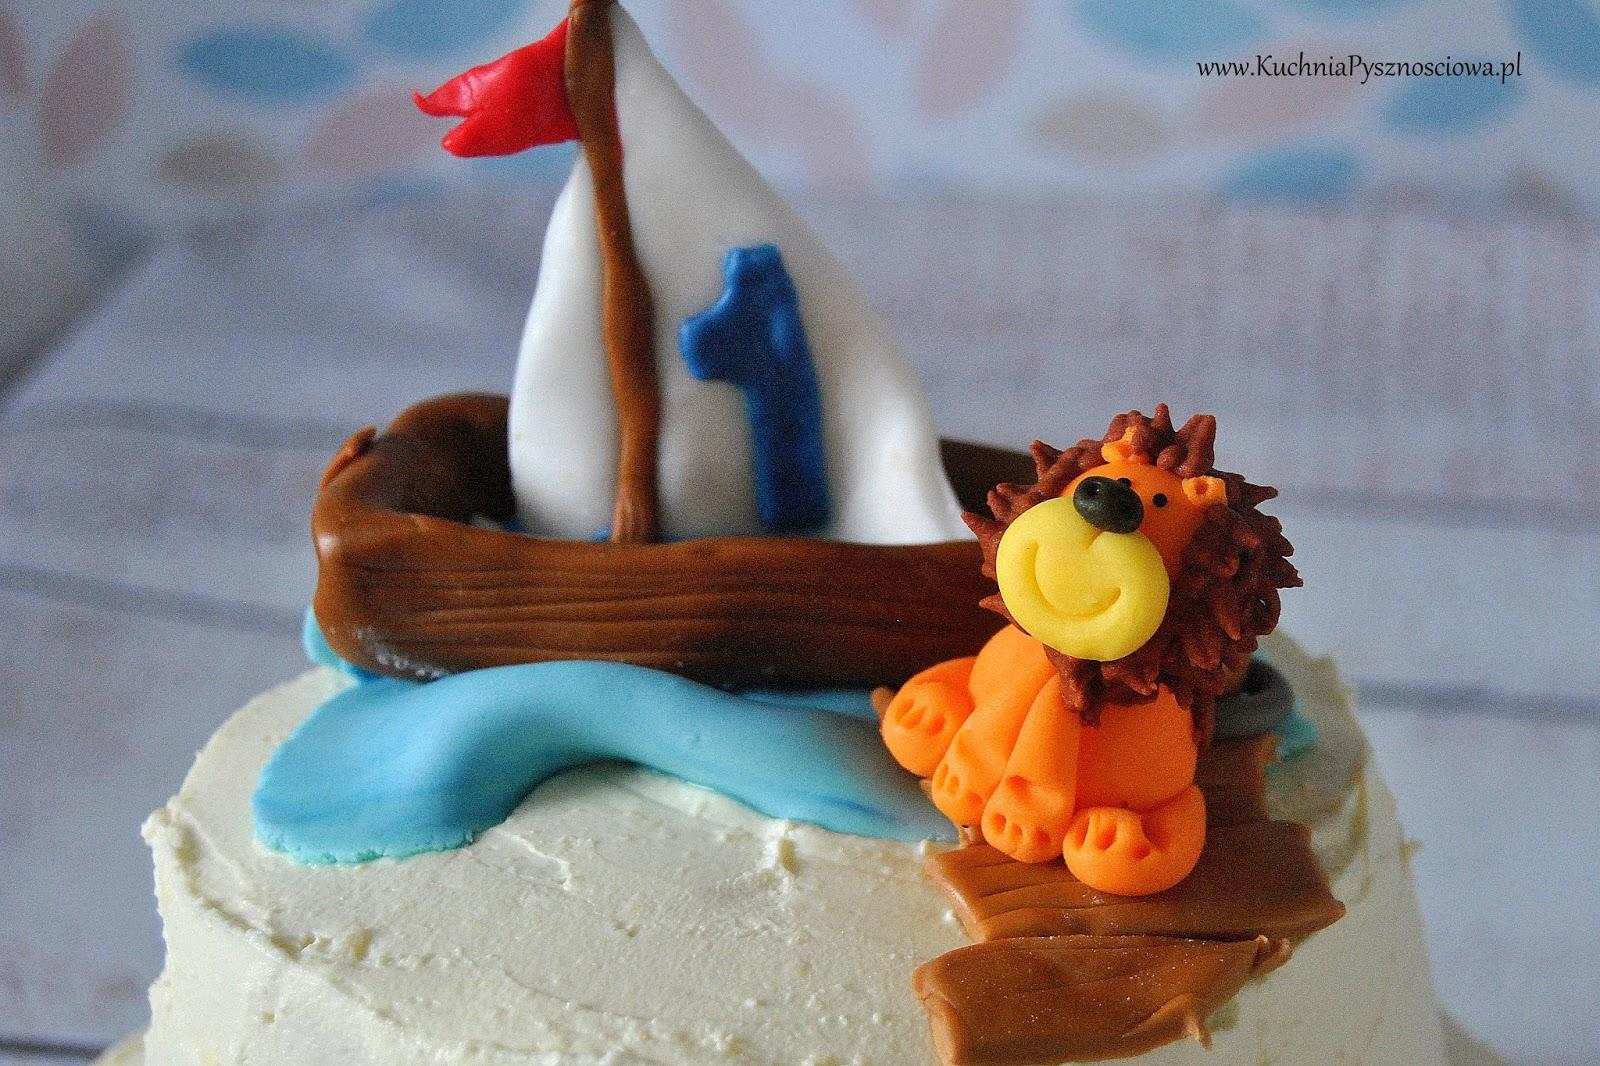 Tort żeglarski z lwem na pierwsze urodziny